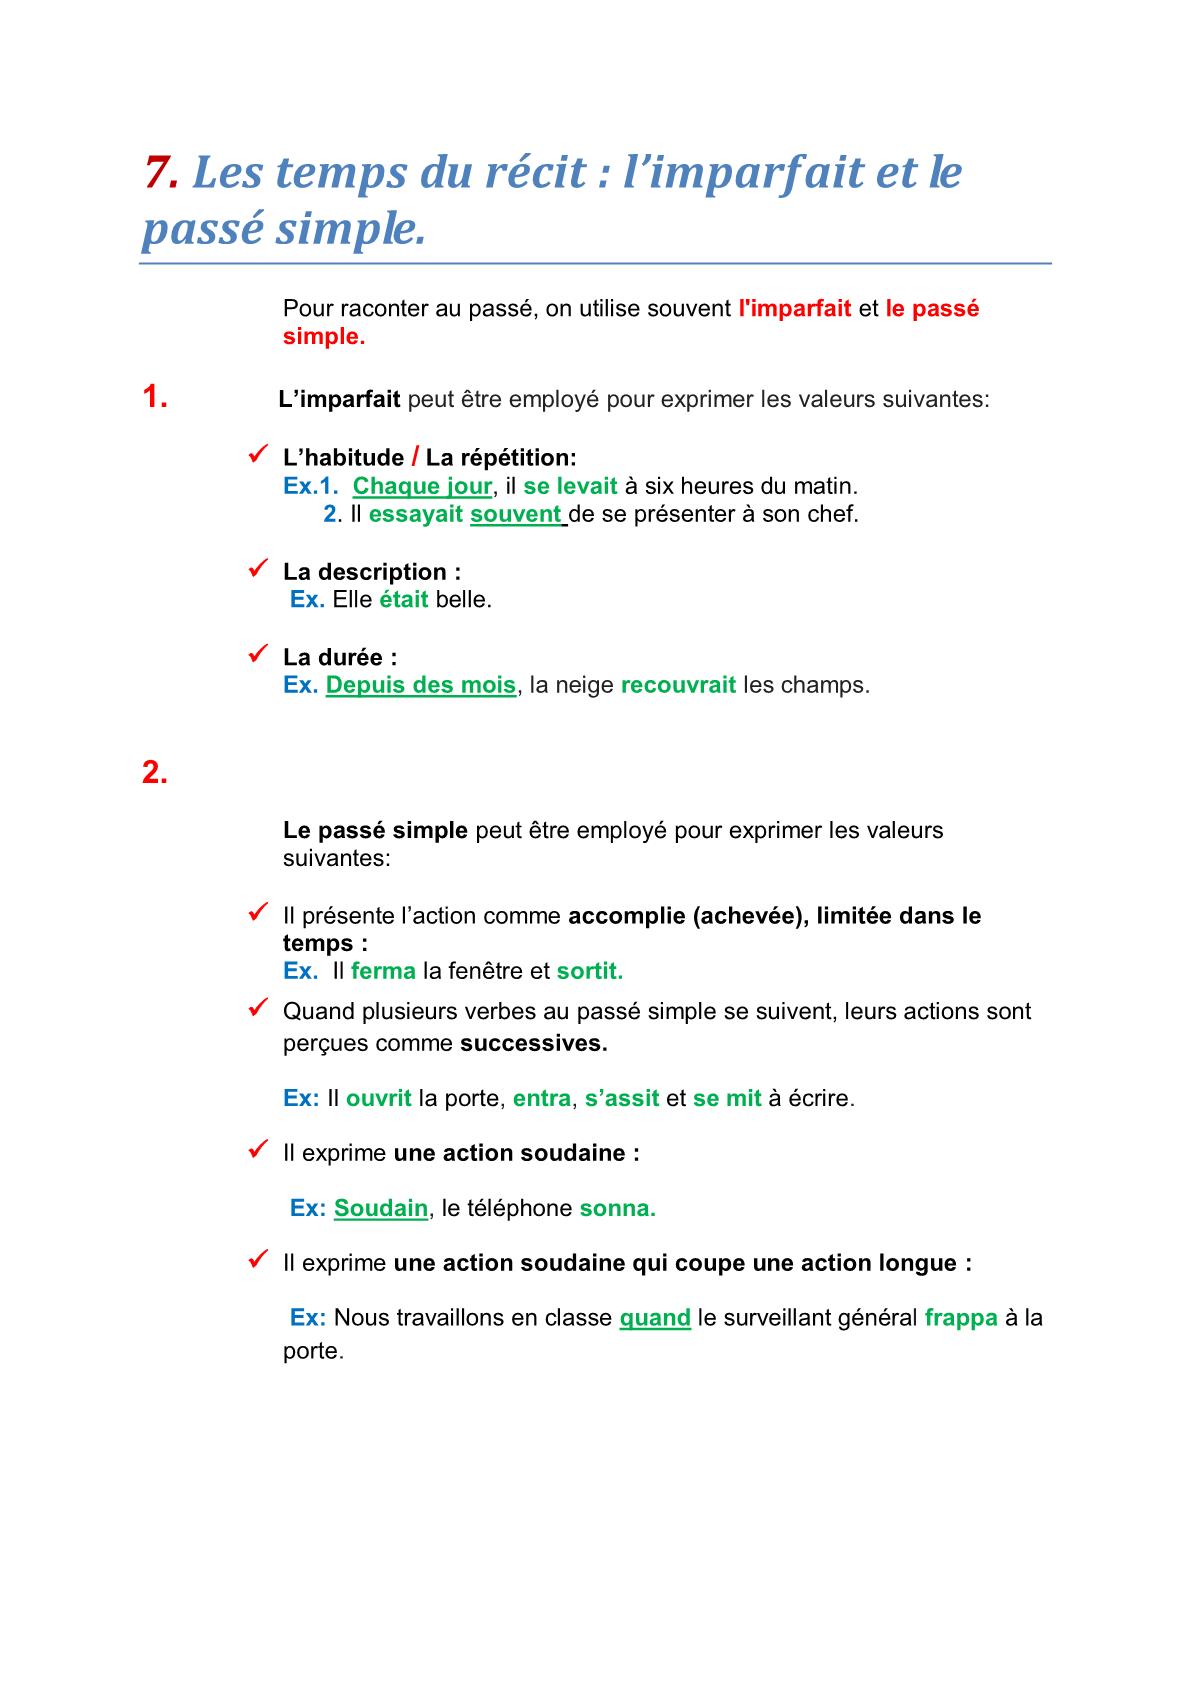 درس Les temps du récit: l'imparfait et le passé simple – مادة اللغة الفرنسية